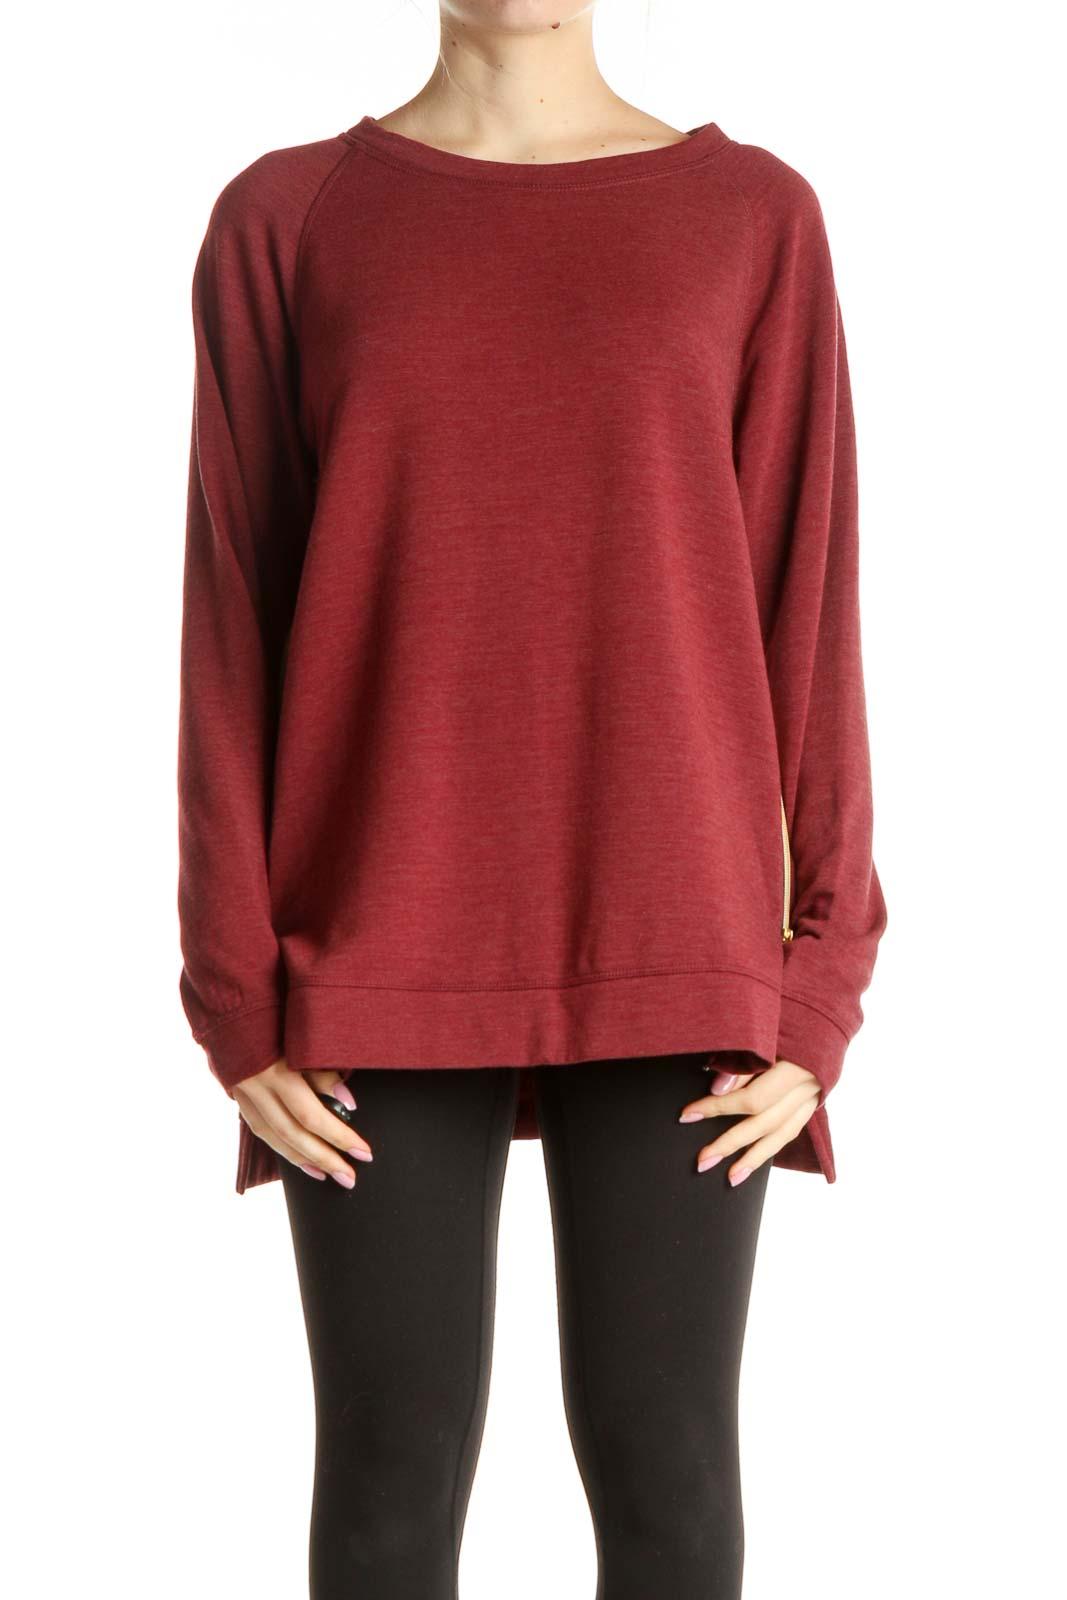 Red Sweatshirt Front